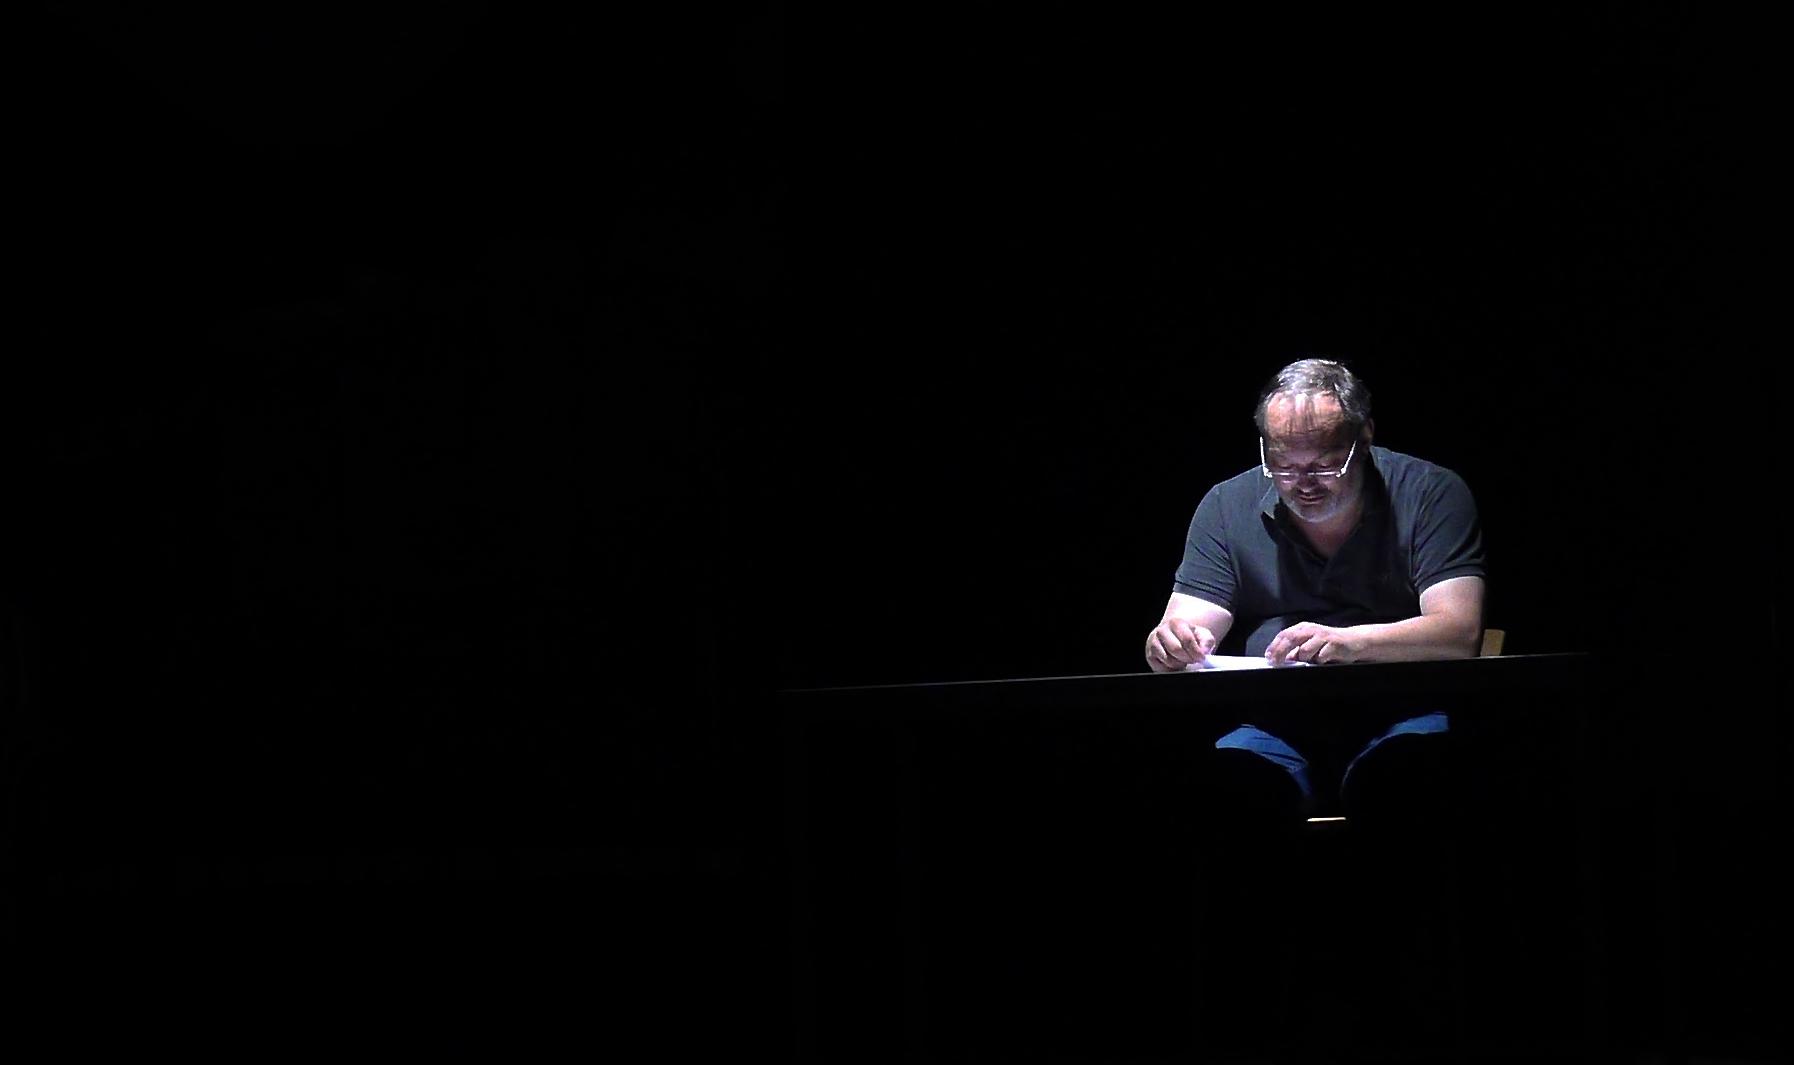 Ein Mann sitzt auf der schwarzen Bühne auf einem Stuhl hinter eionem schwarzen Tisch und liest.